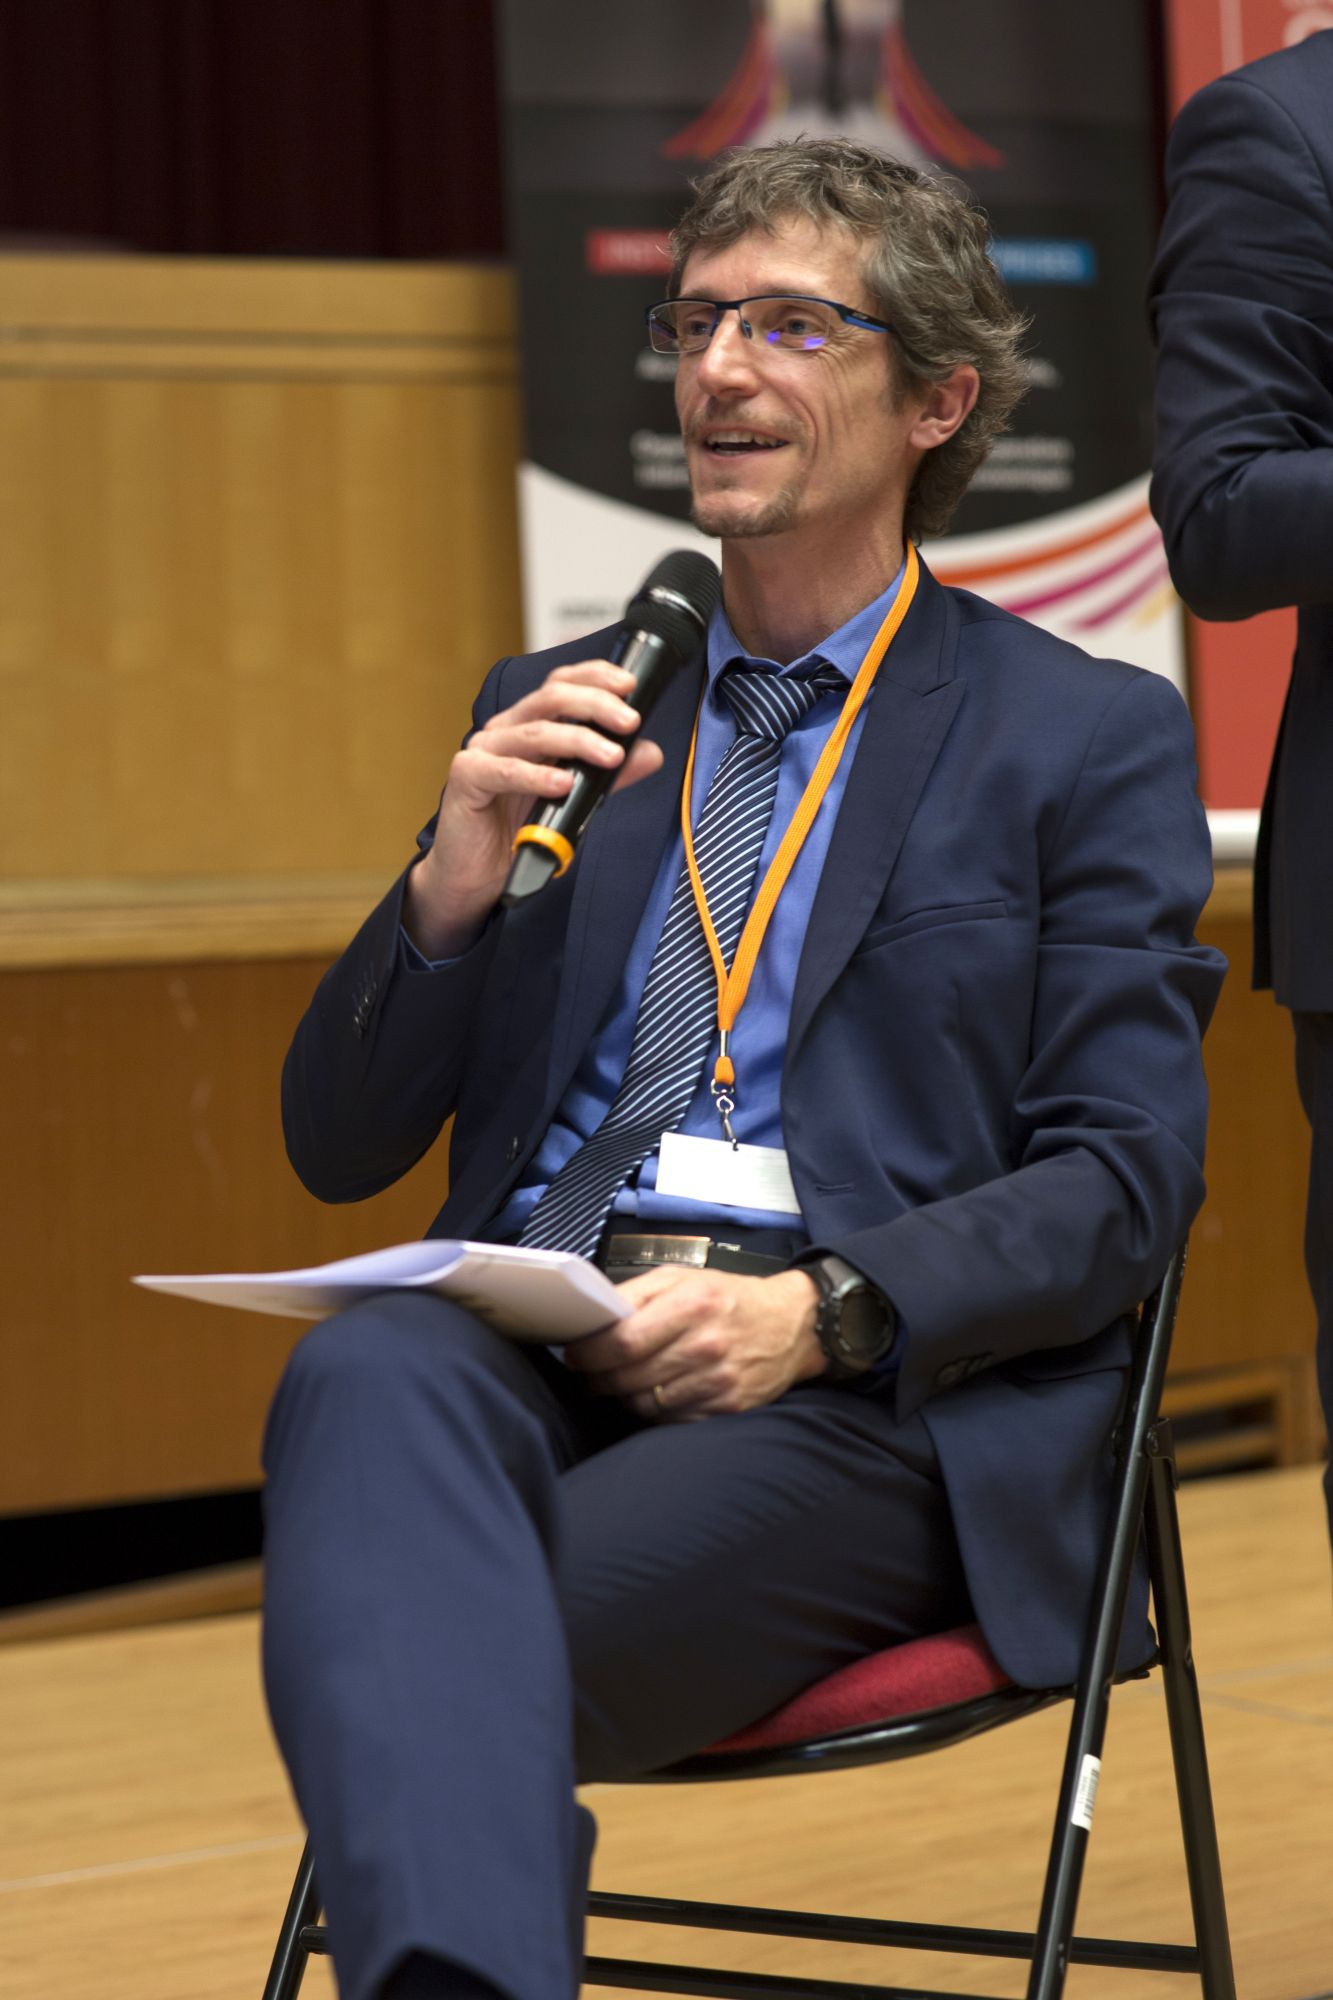 Frédéric FLESZAR